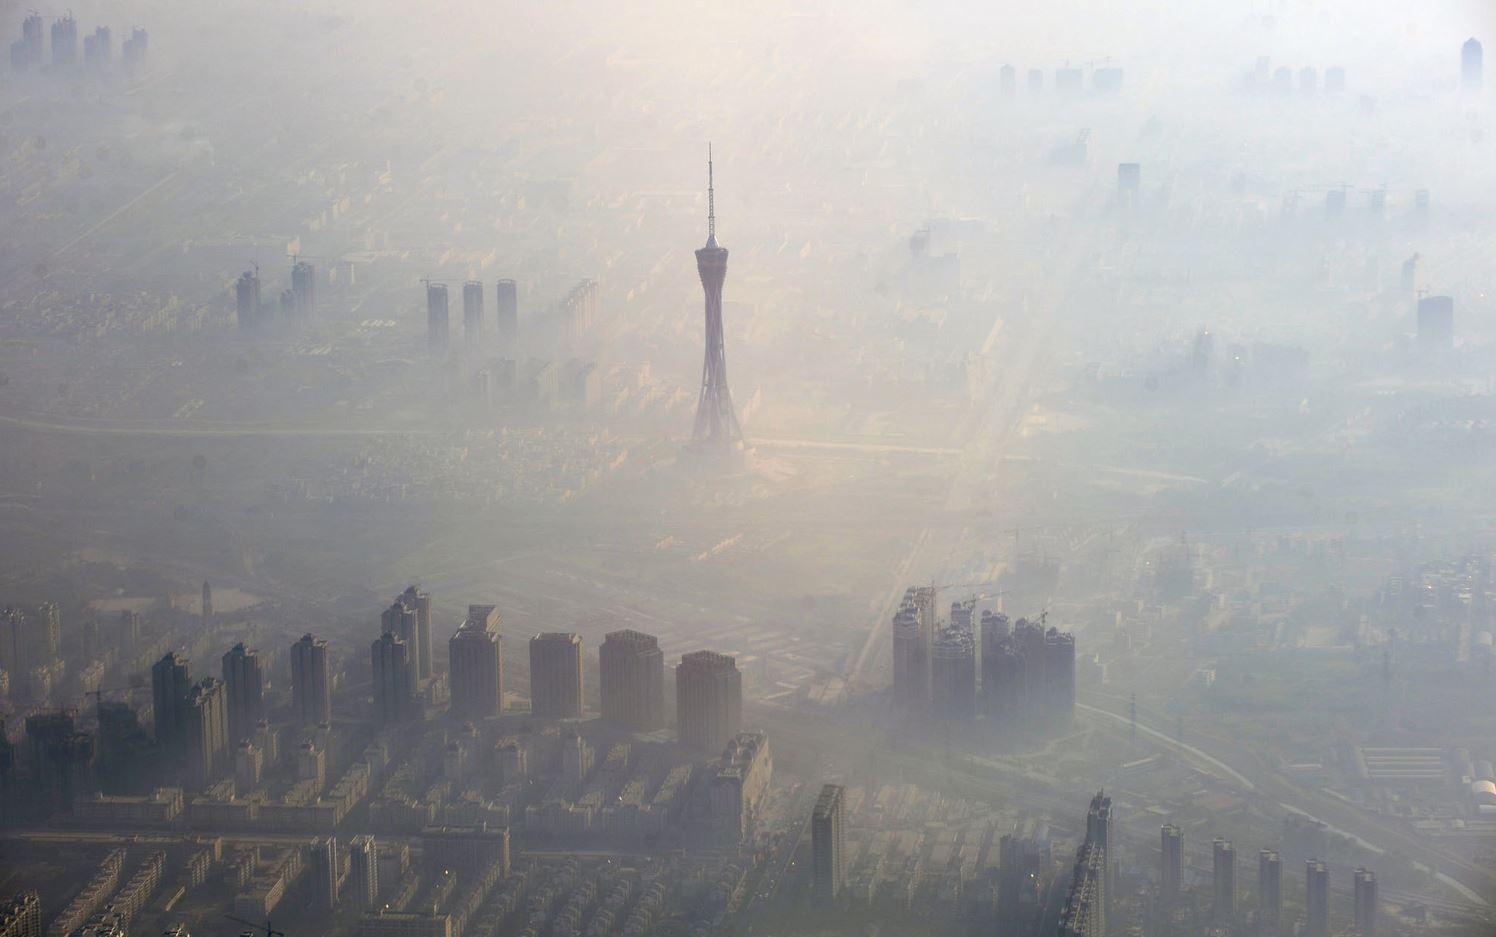 Дымка в г. о. Чжэнчжоу, провинция Хэнань.